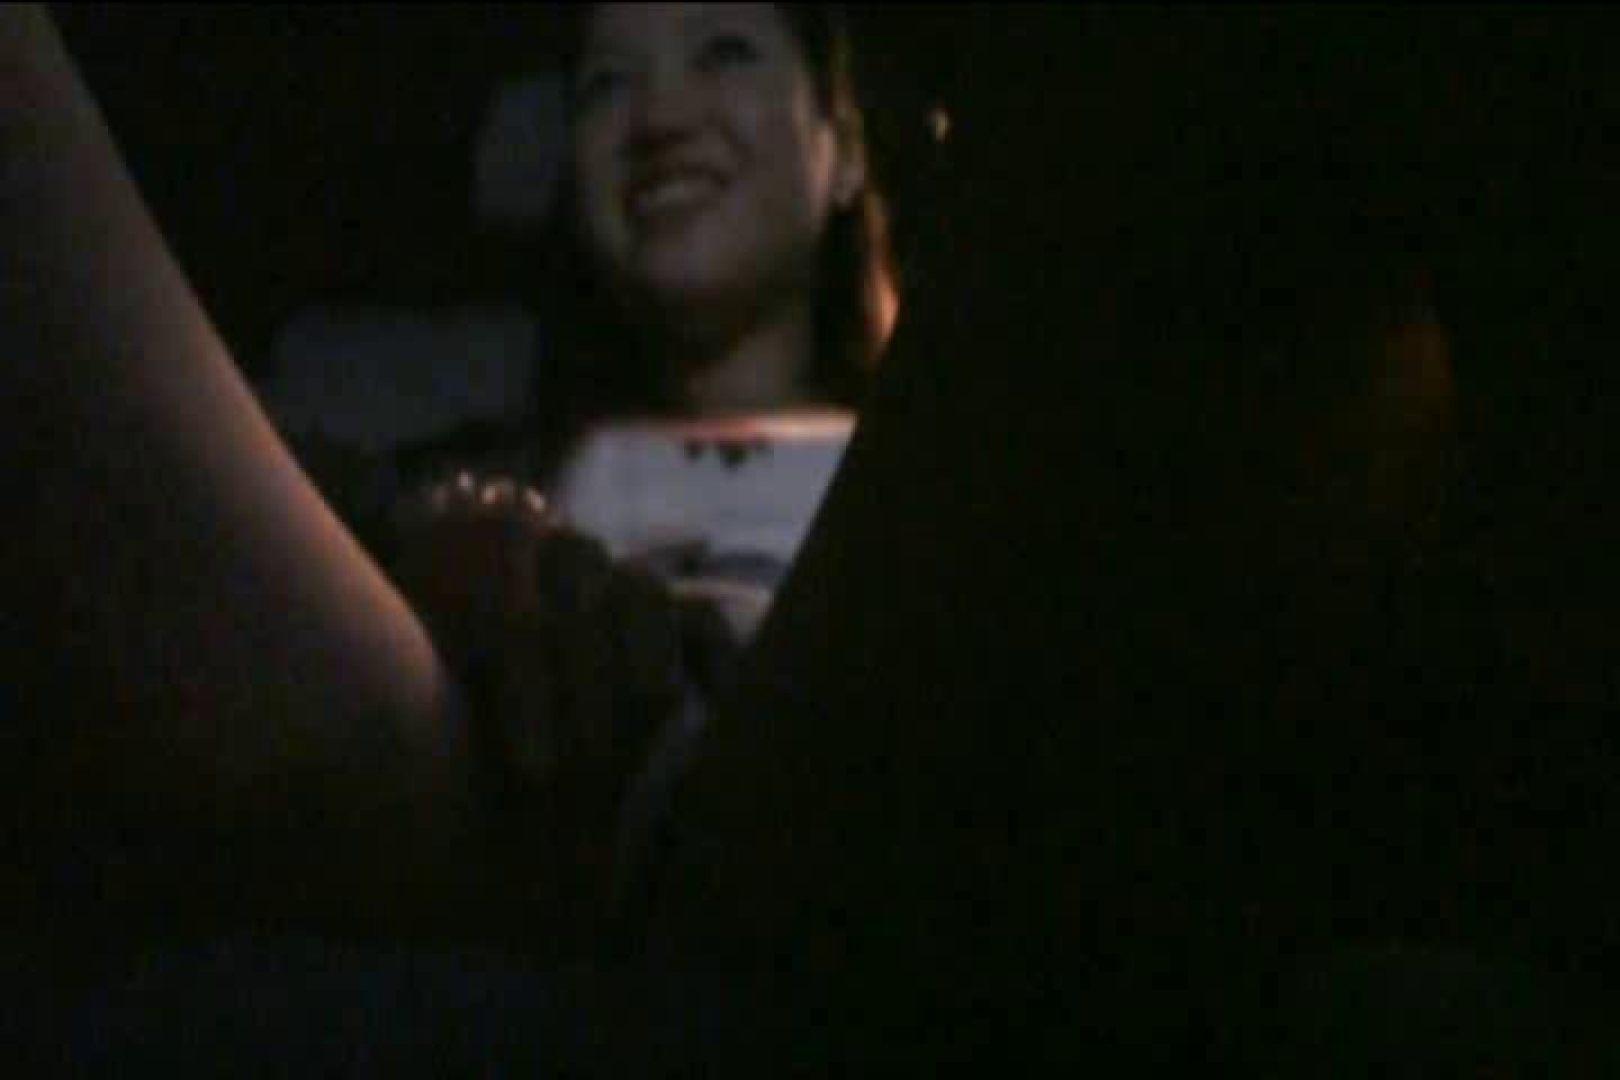 車内で初めまして! vol01 出会い系 おまんこ無修正動画無料 105連発 76